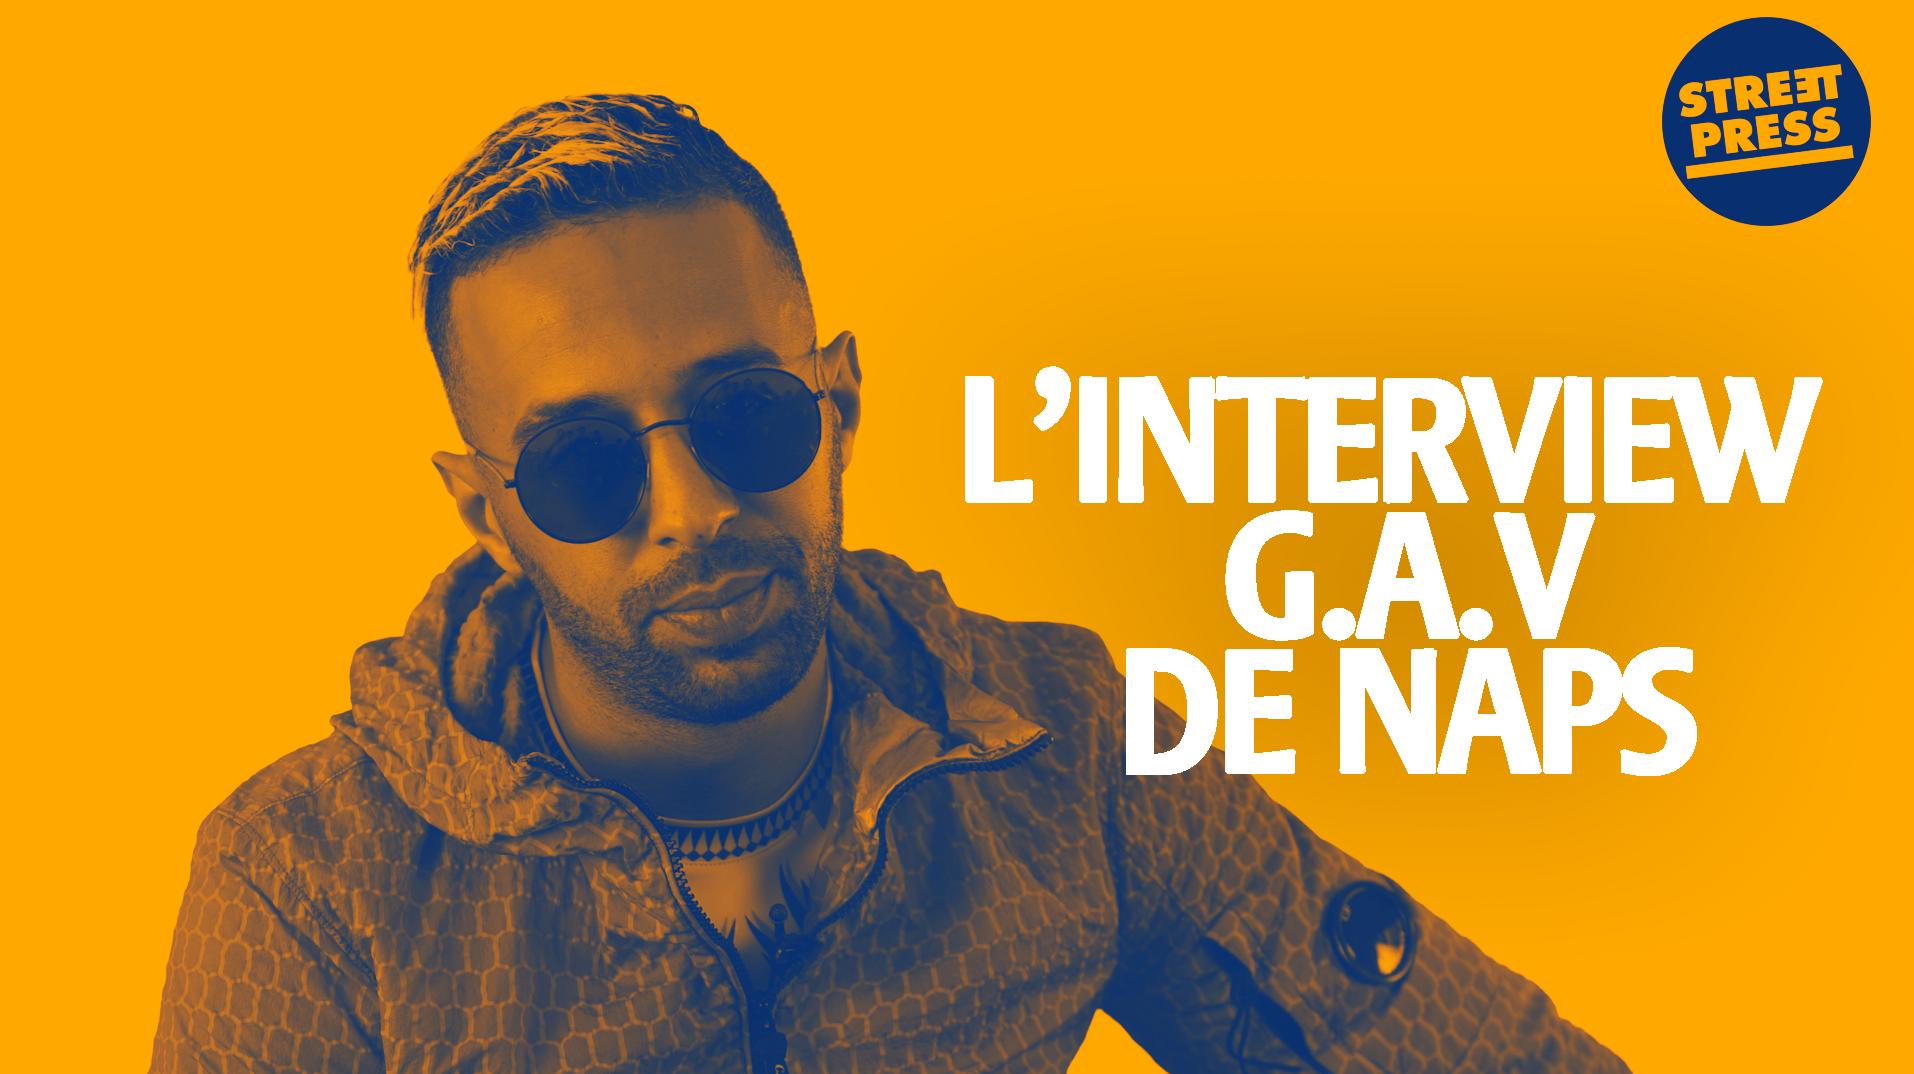 L'interview G.A.V de Naps